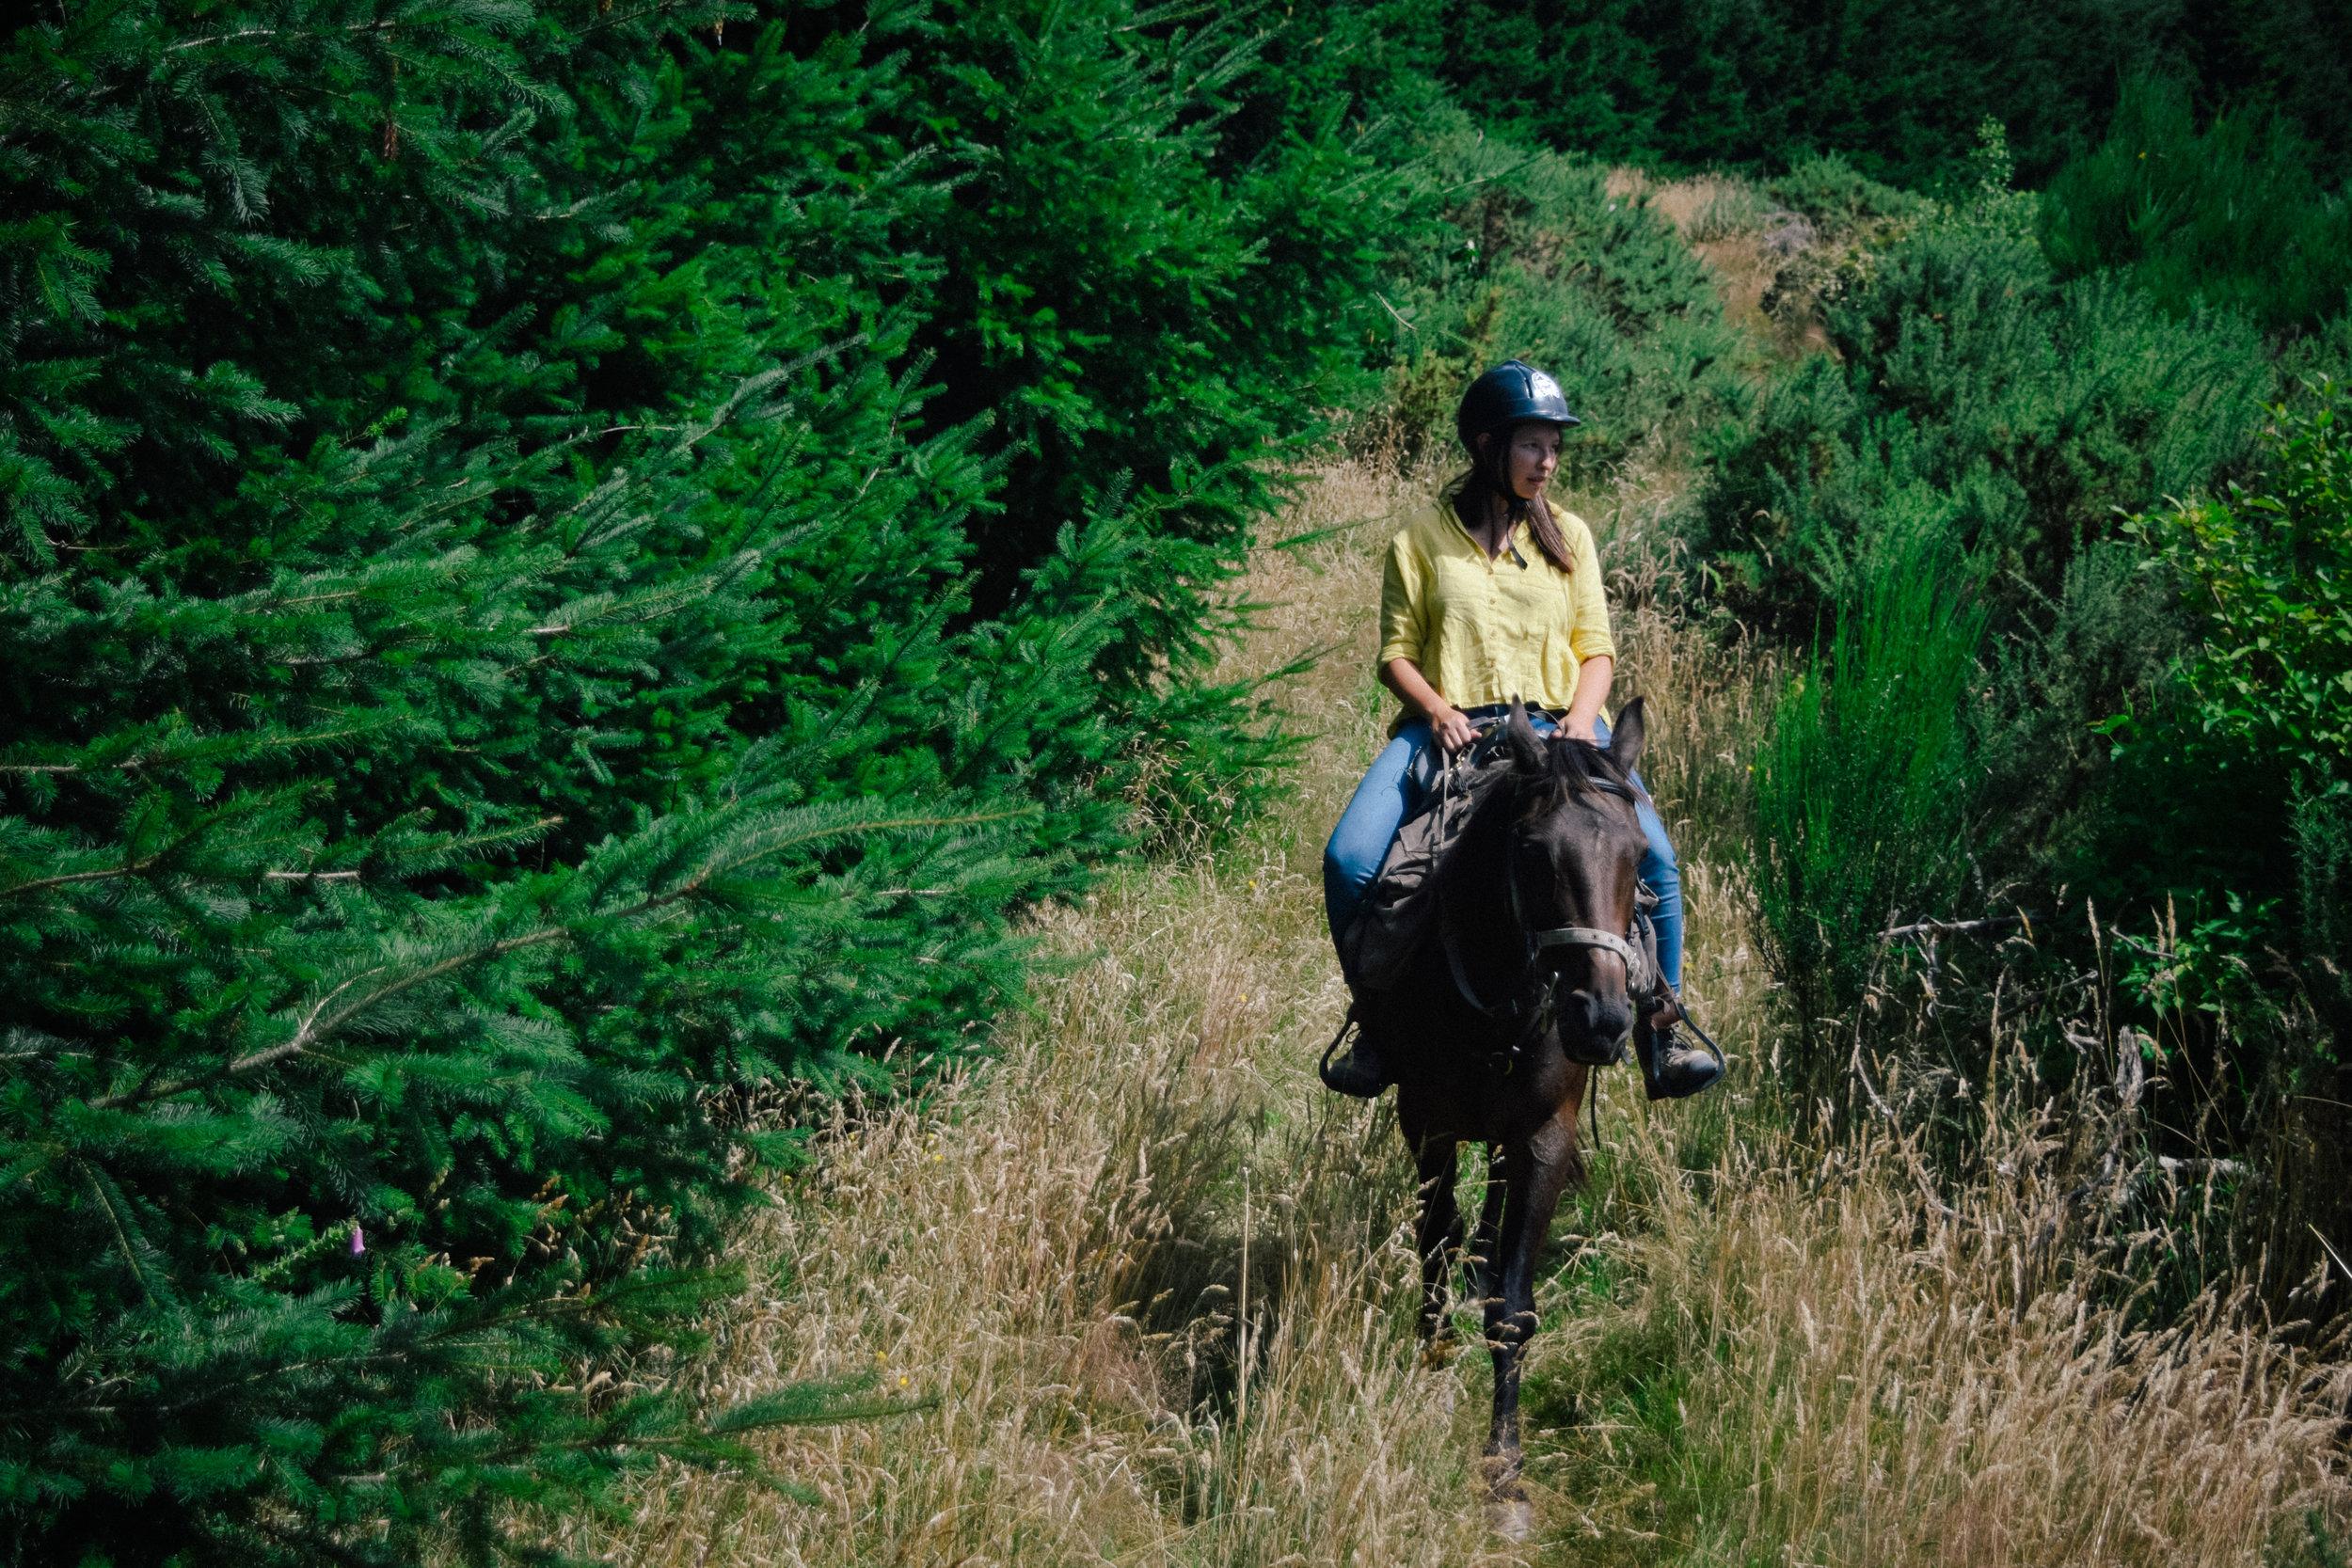 horseback riding in peel forest